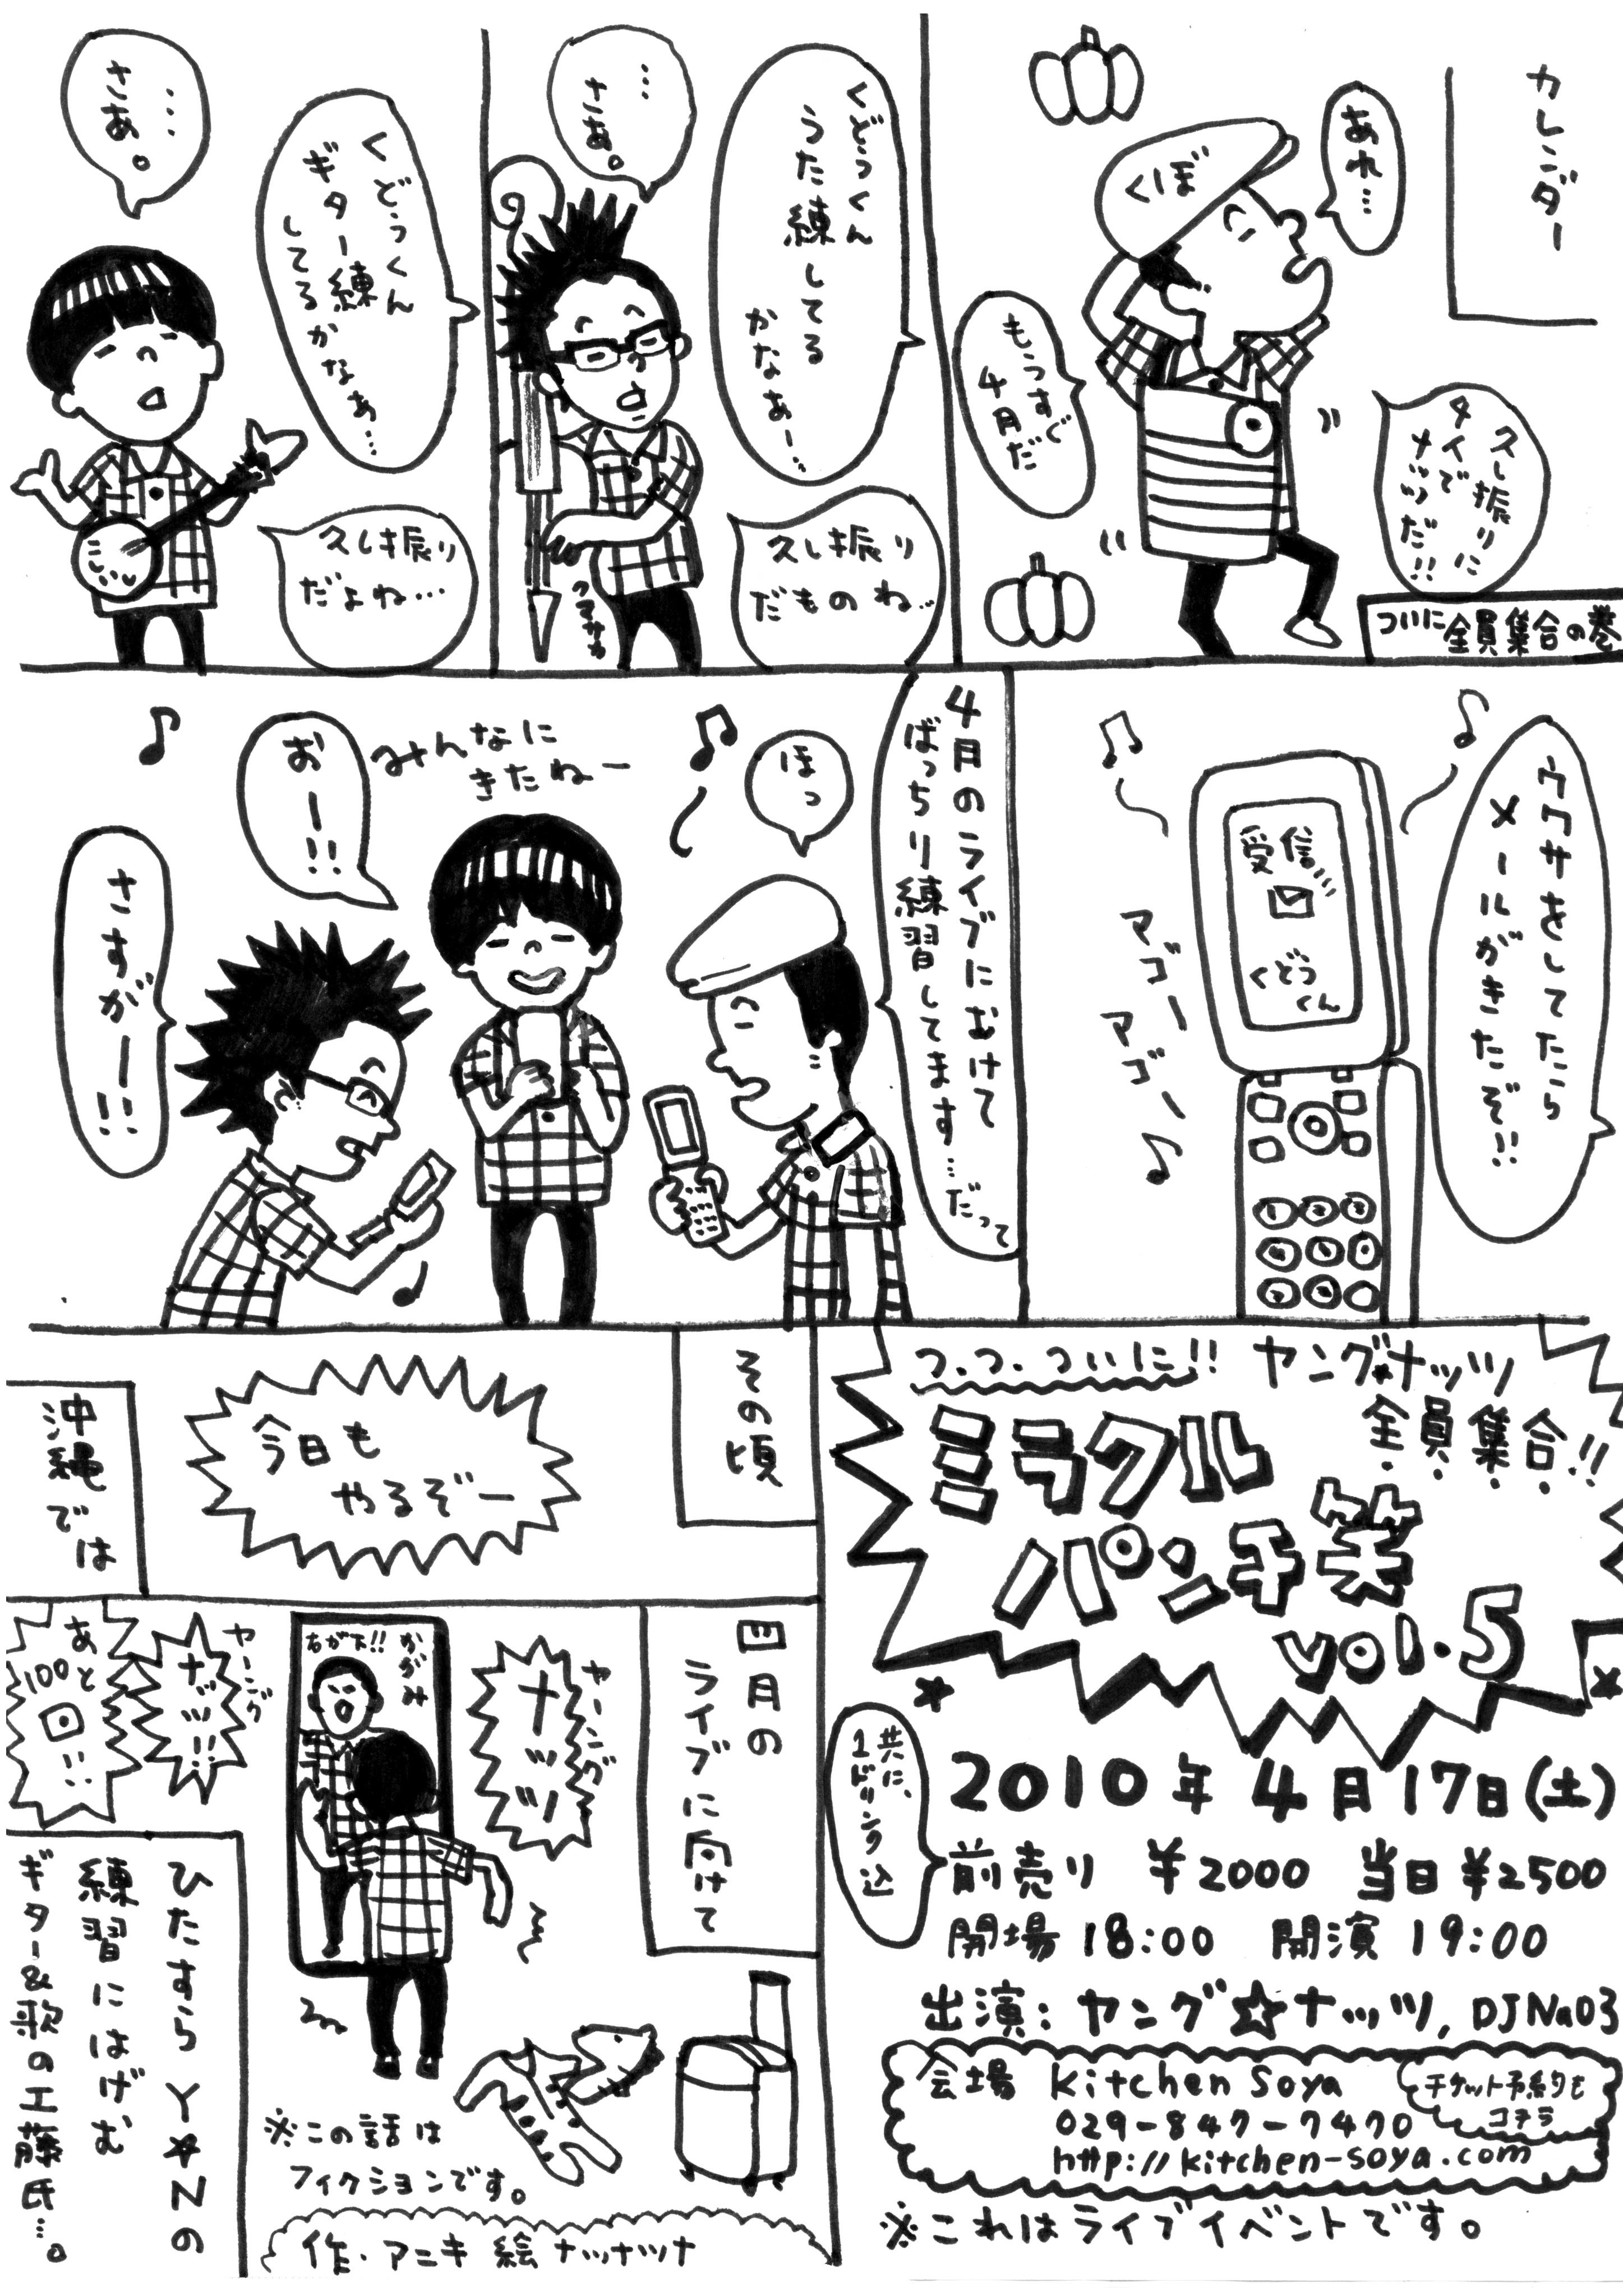 ヤング★ナッツ(全員集合!)ミラクルパンチ笑 vol.5